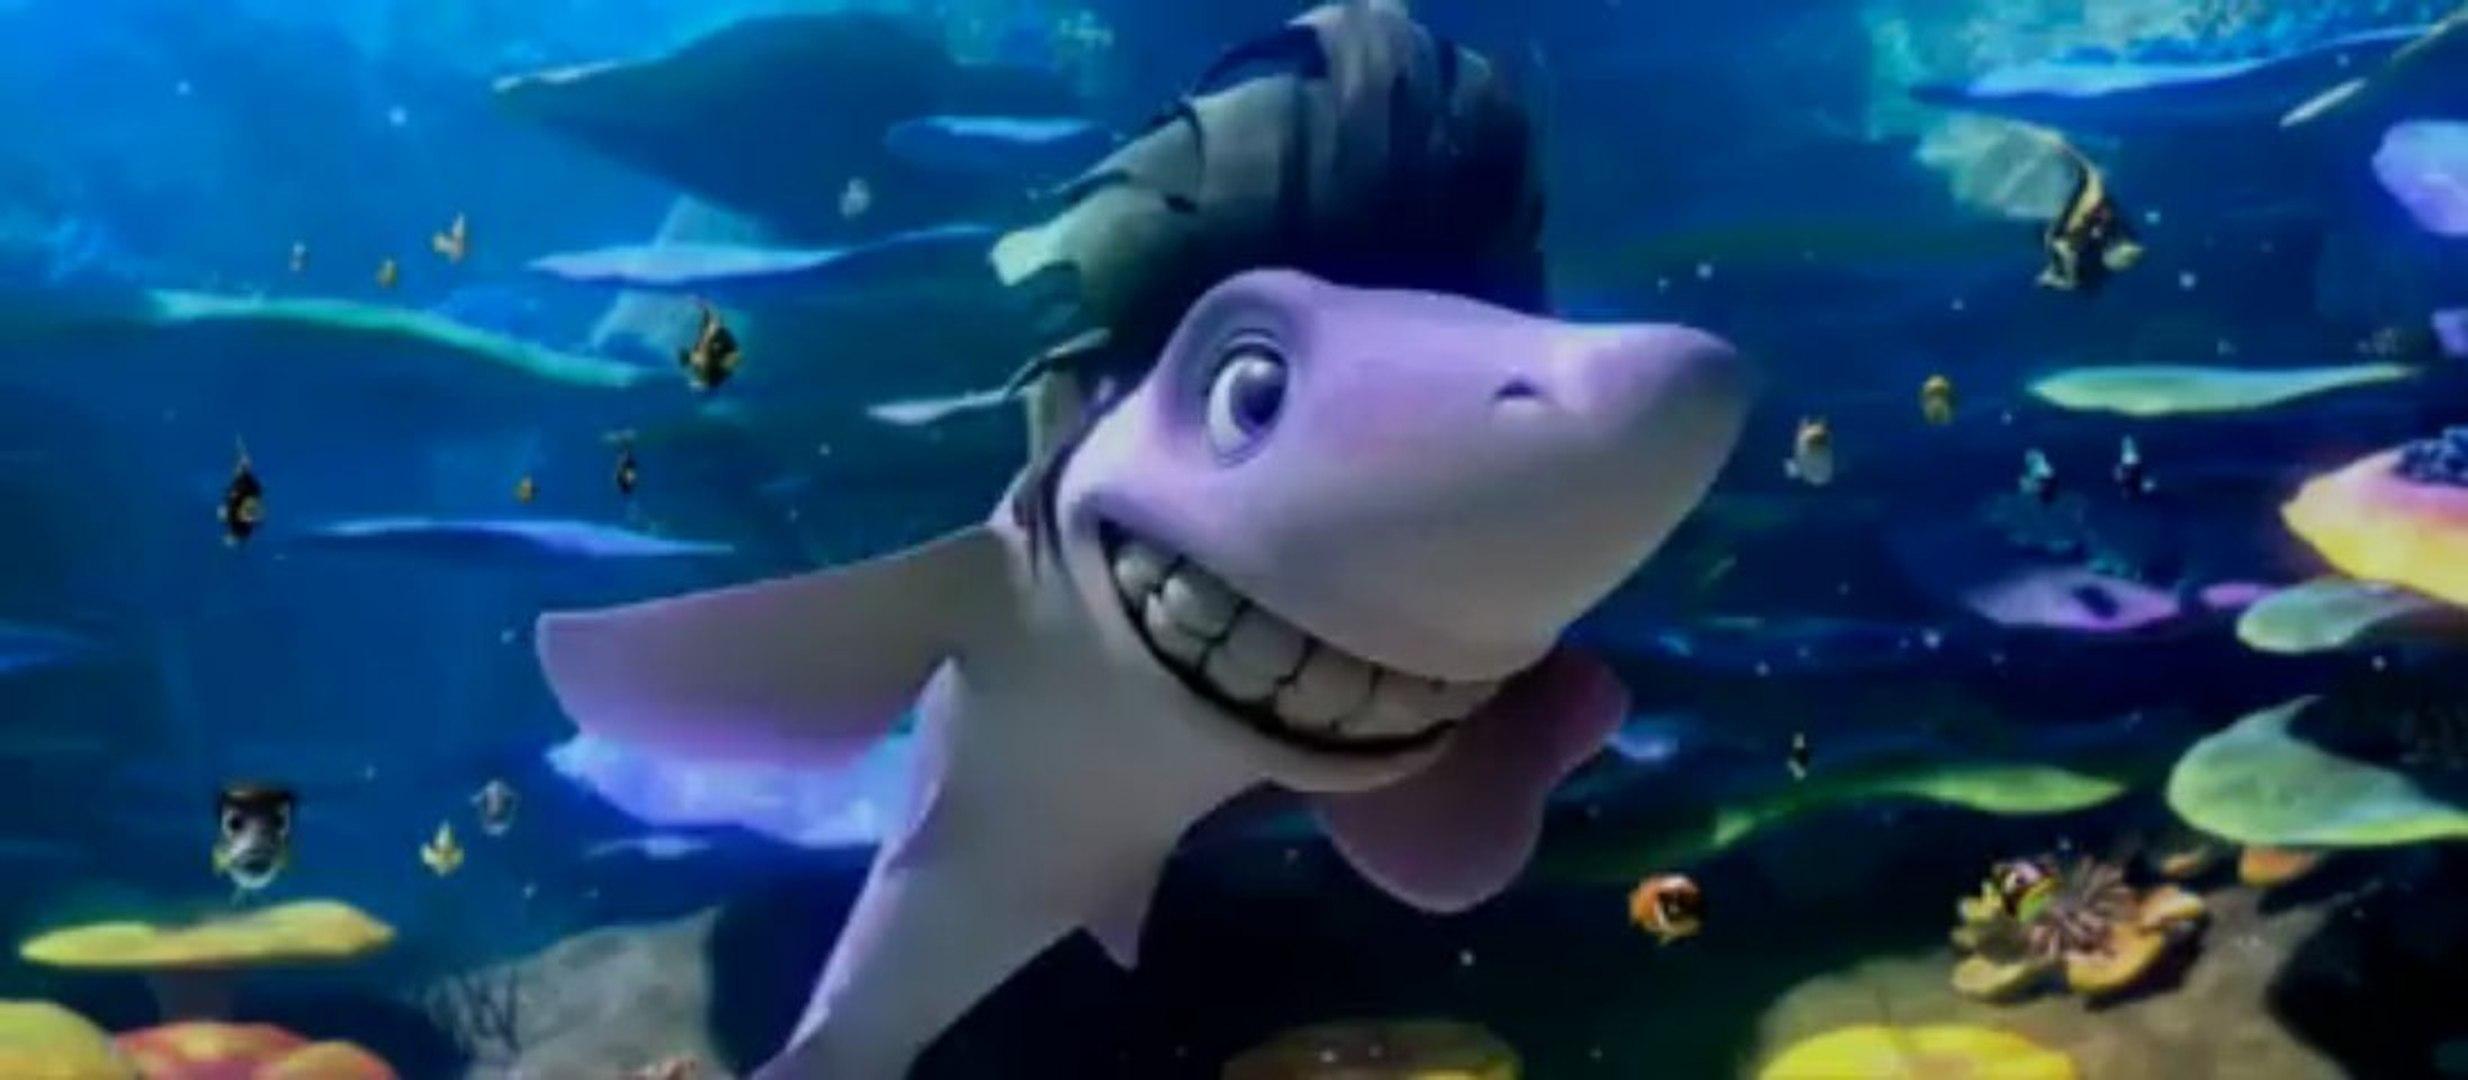 Риф 3D смотреть онлайн фильм (ссылка на фильм под видео)